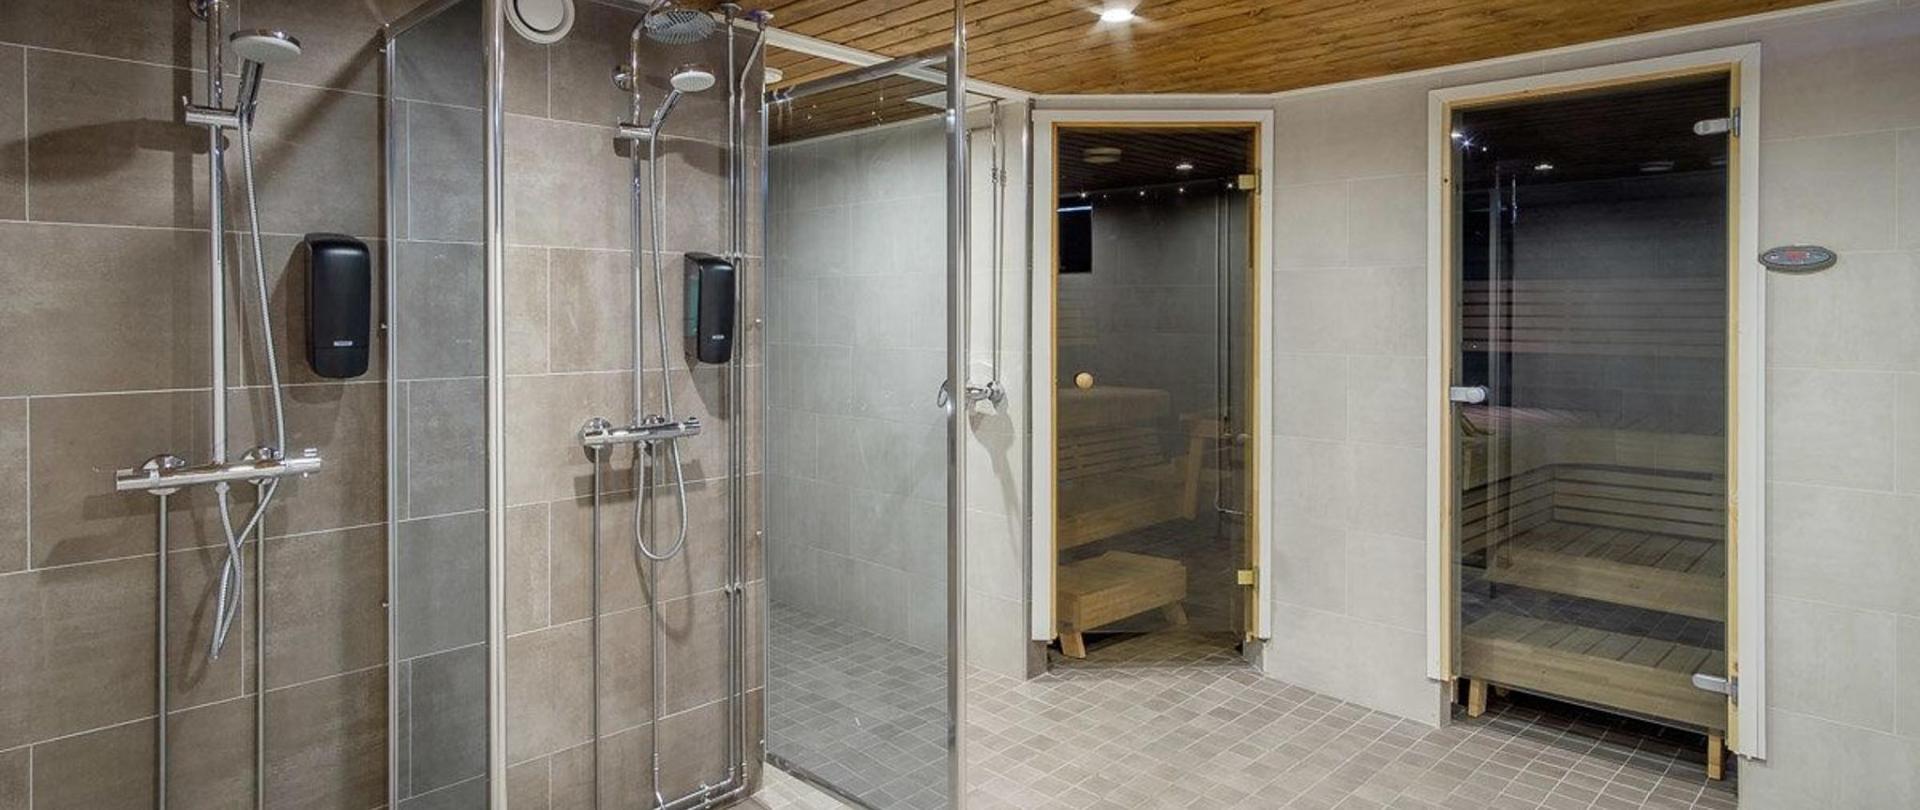 kultahippu-sauna-nettisivut-3-5.jpg